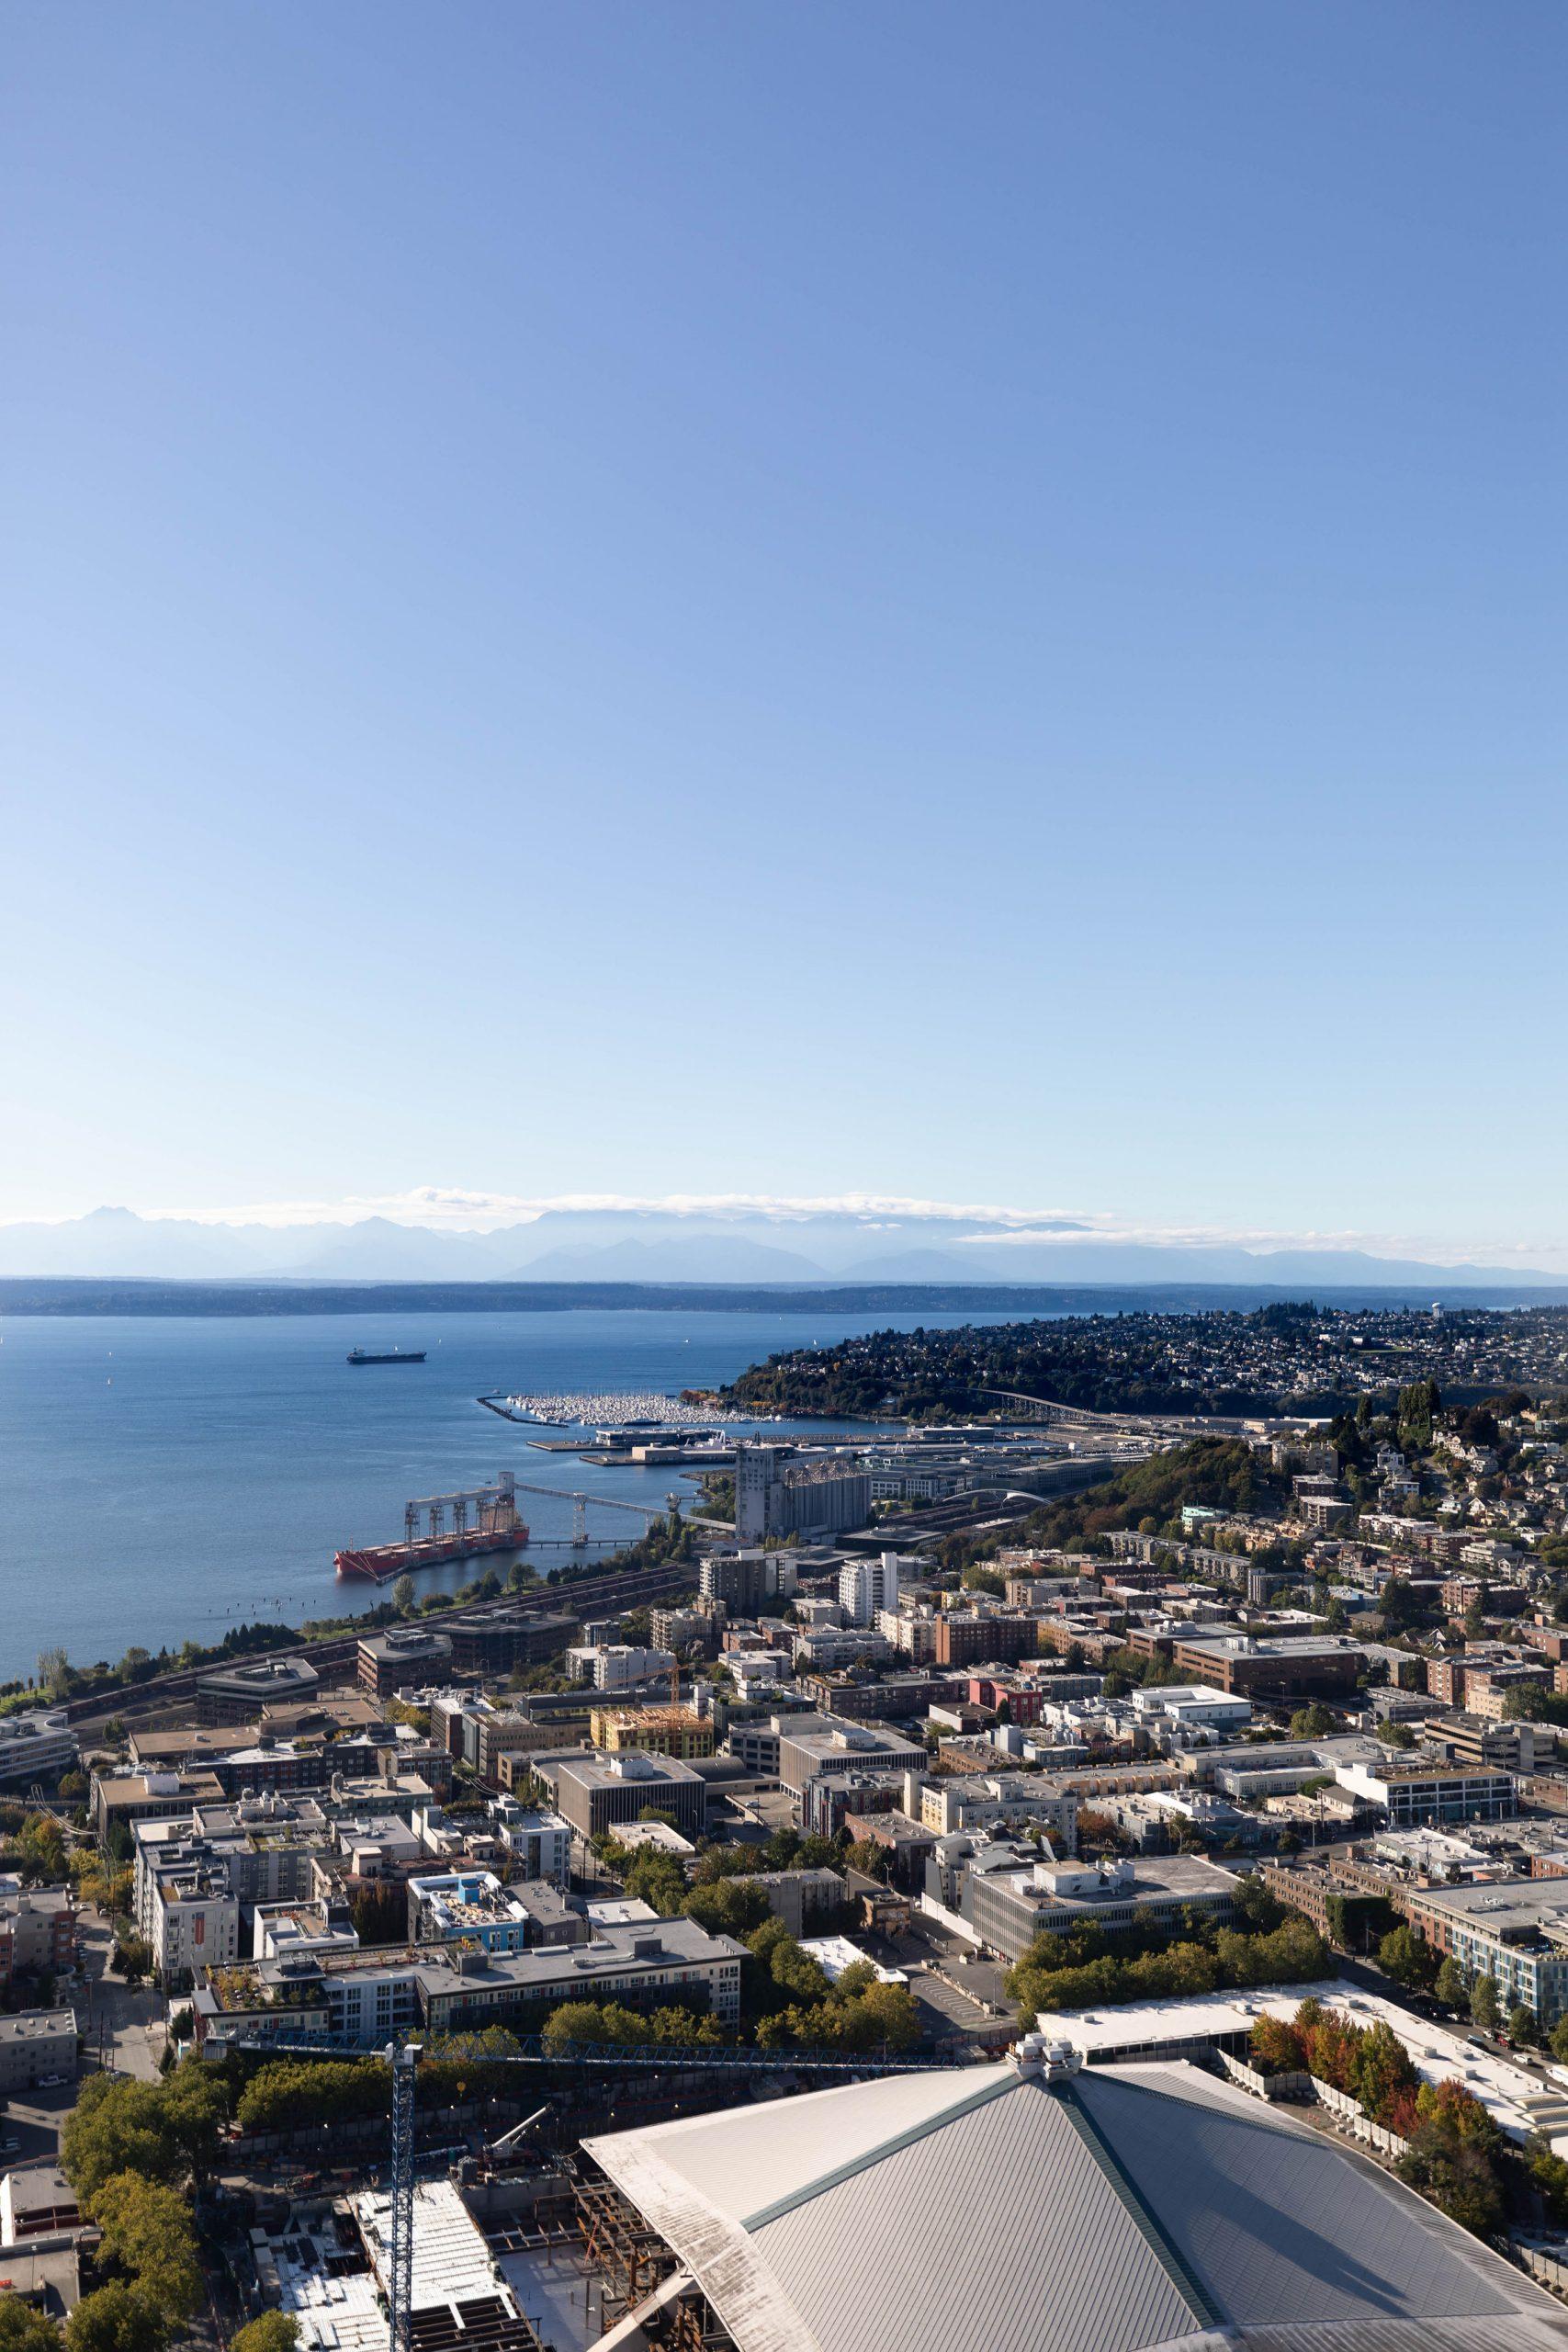 Seattle Washington Luxury Travel Guide by Annie Fairfax